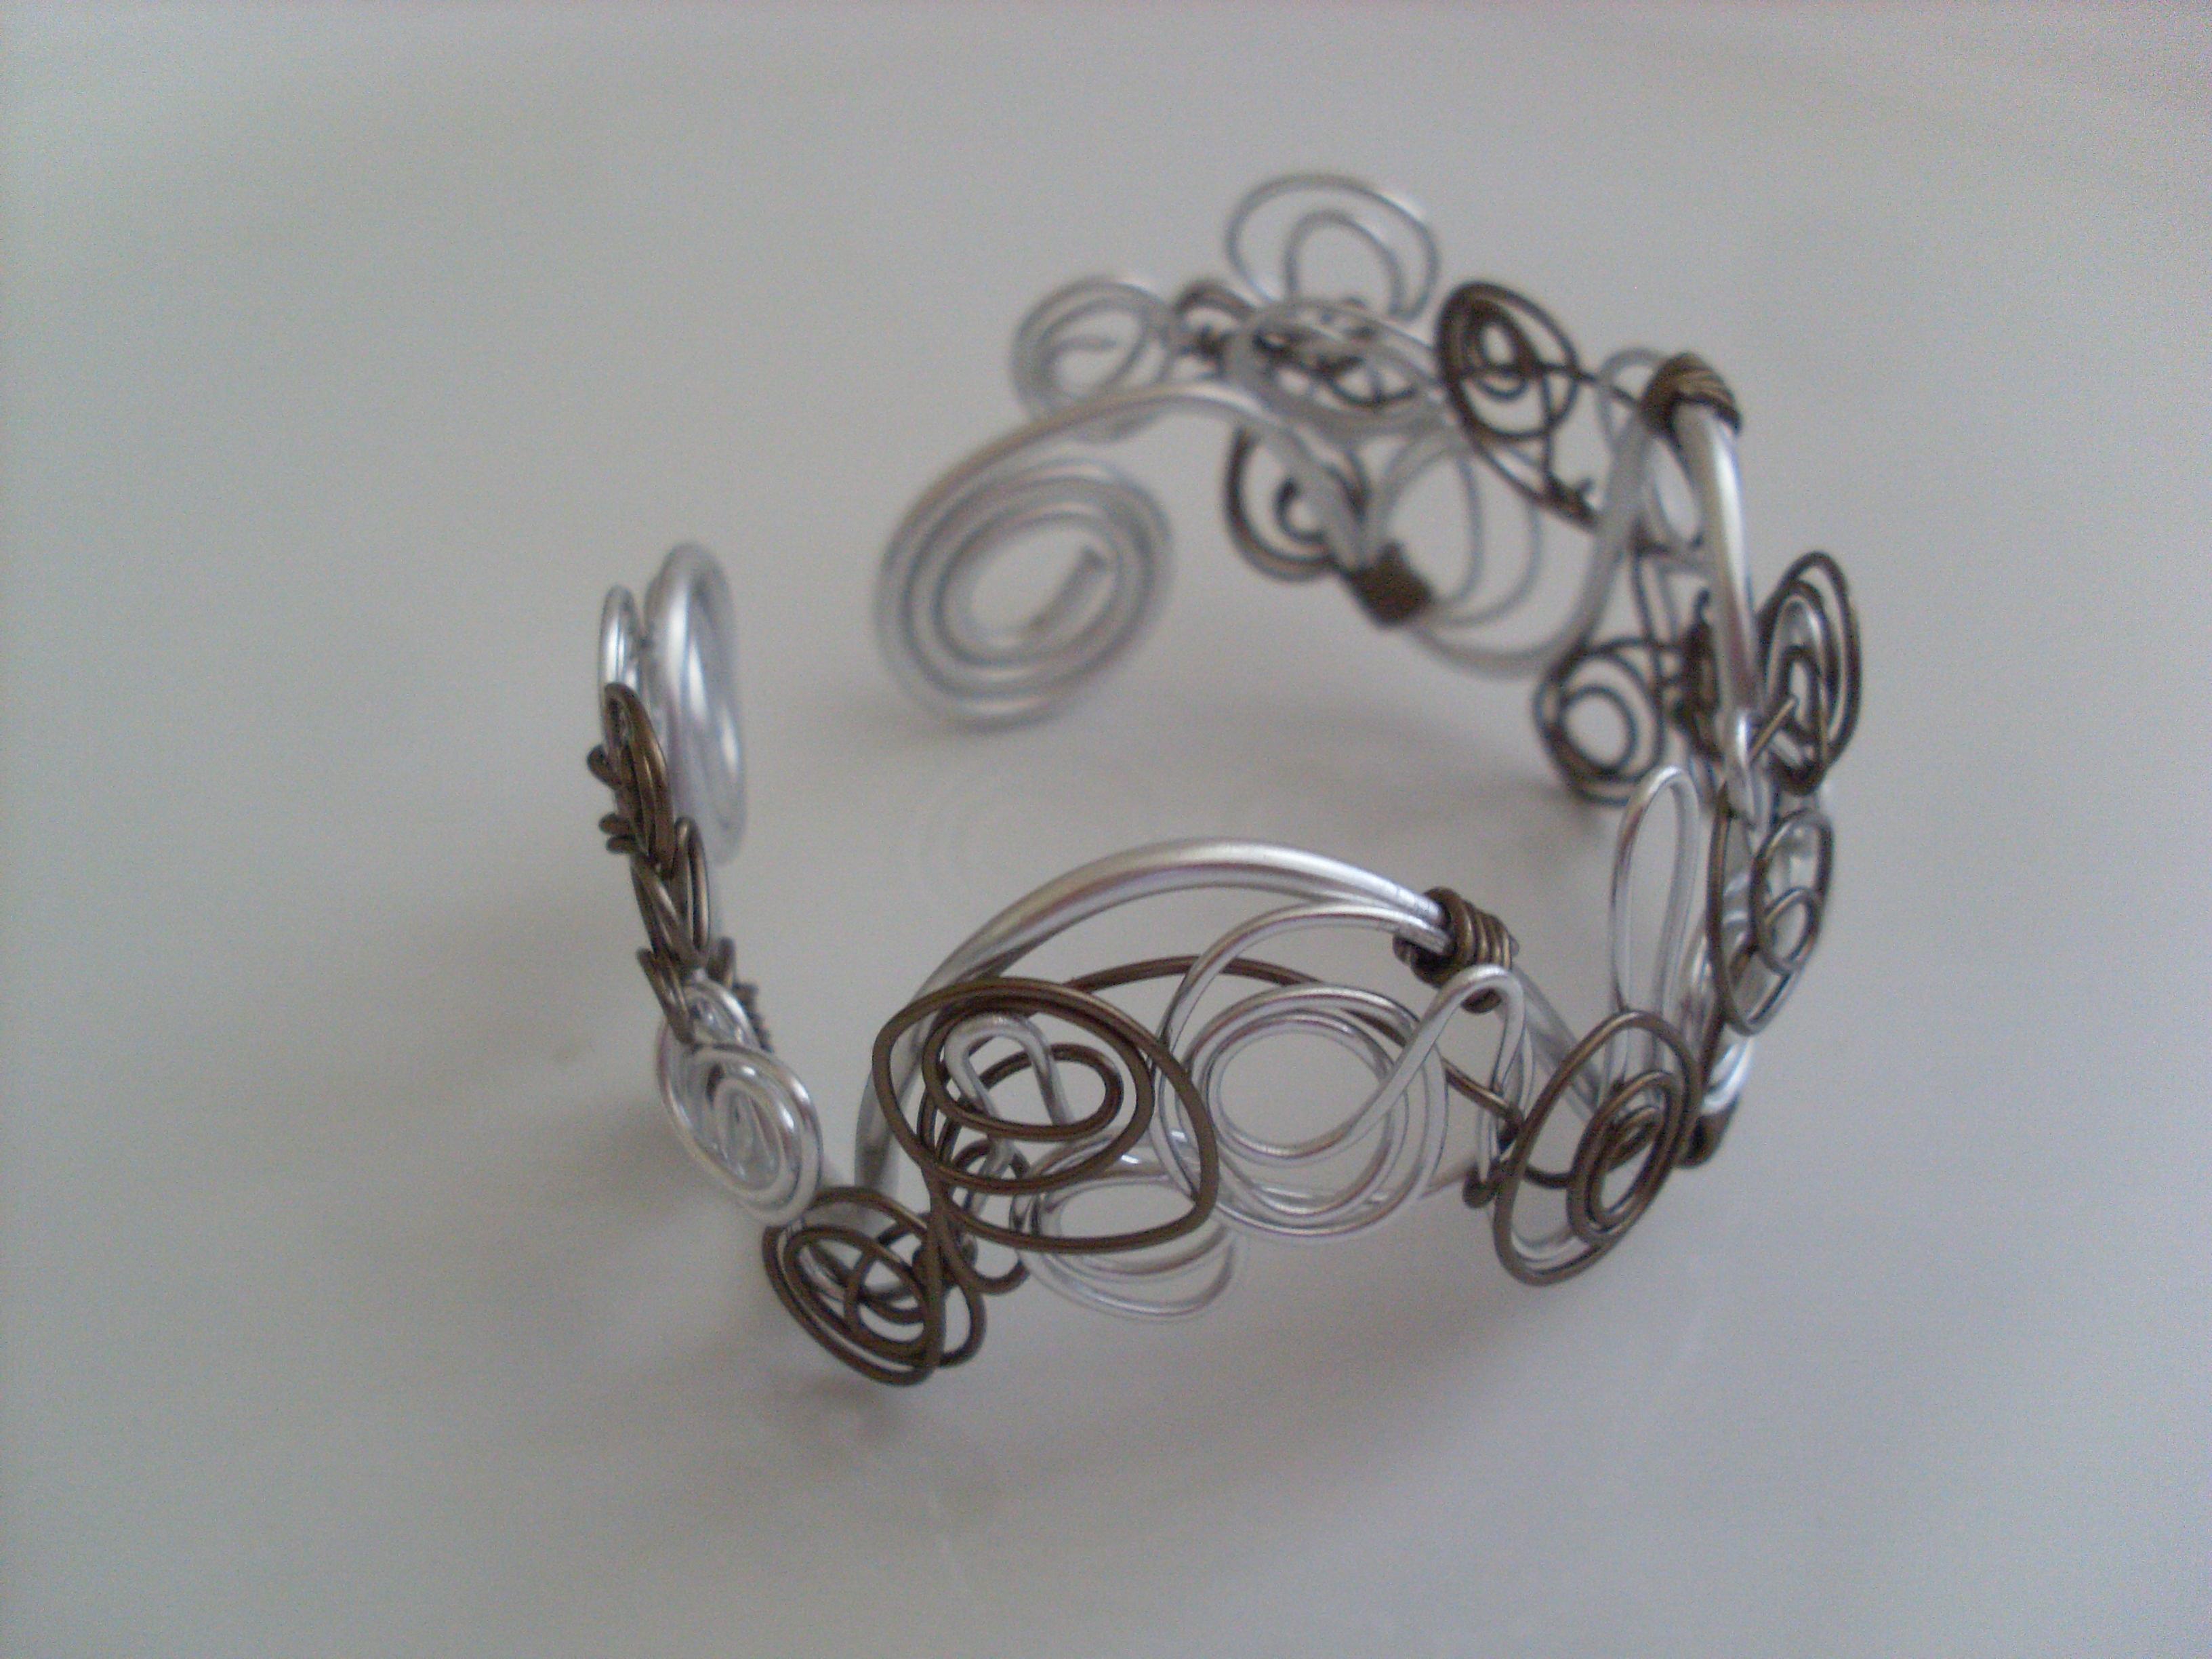 bracelet argente et marron bijoux en fil aluminium les perles de lo photos club doctissimo. Black Bedroom Furniture Sets. Home Design Ideas